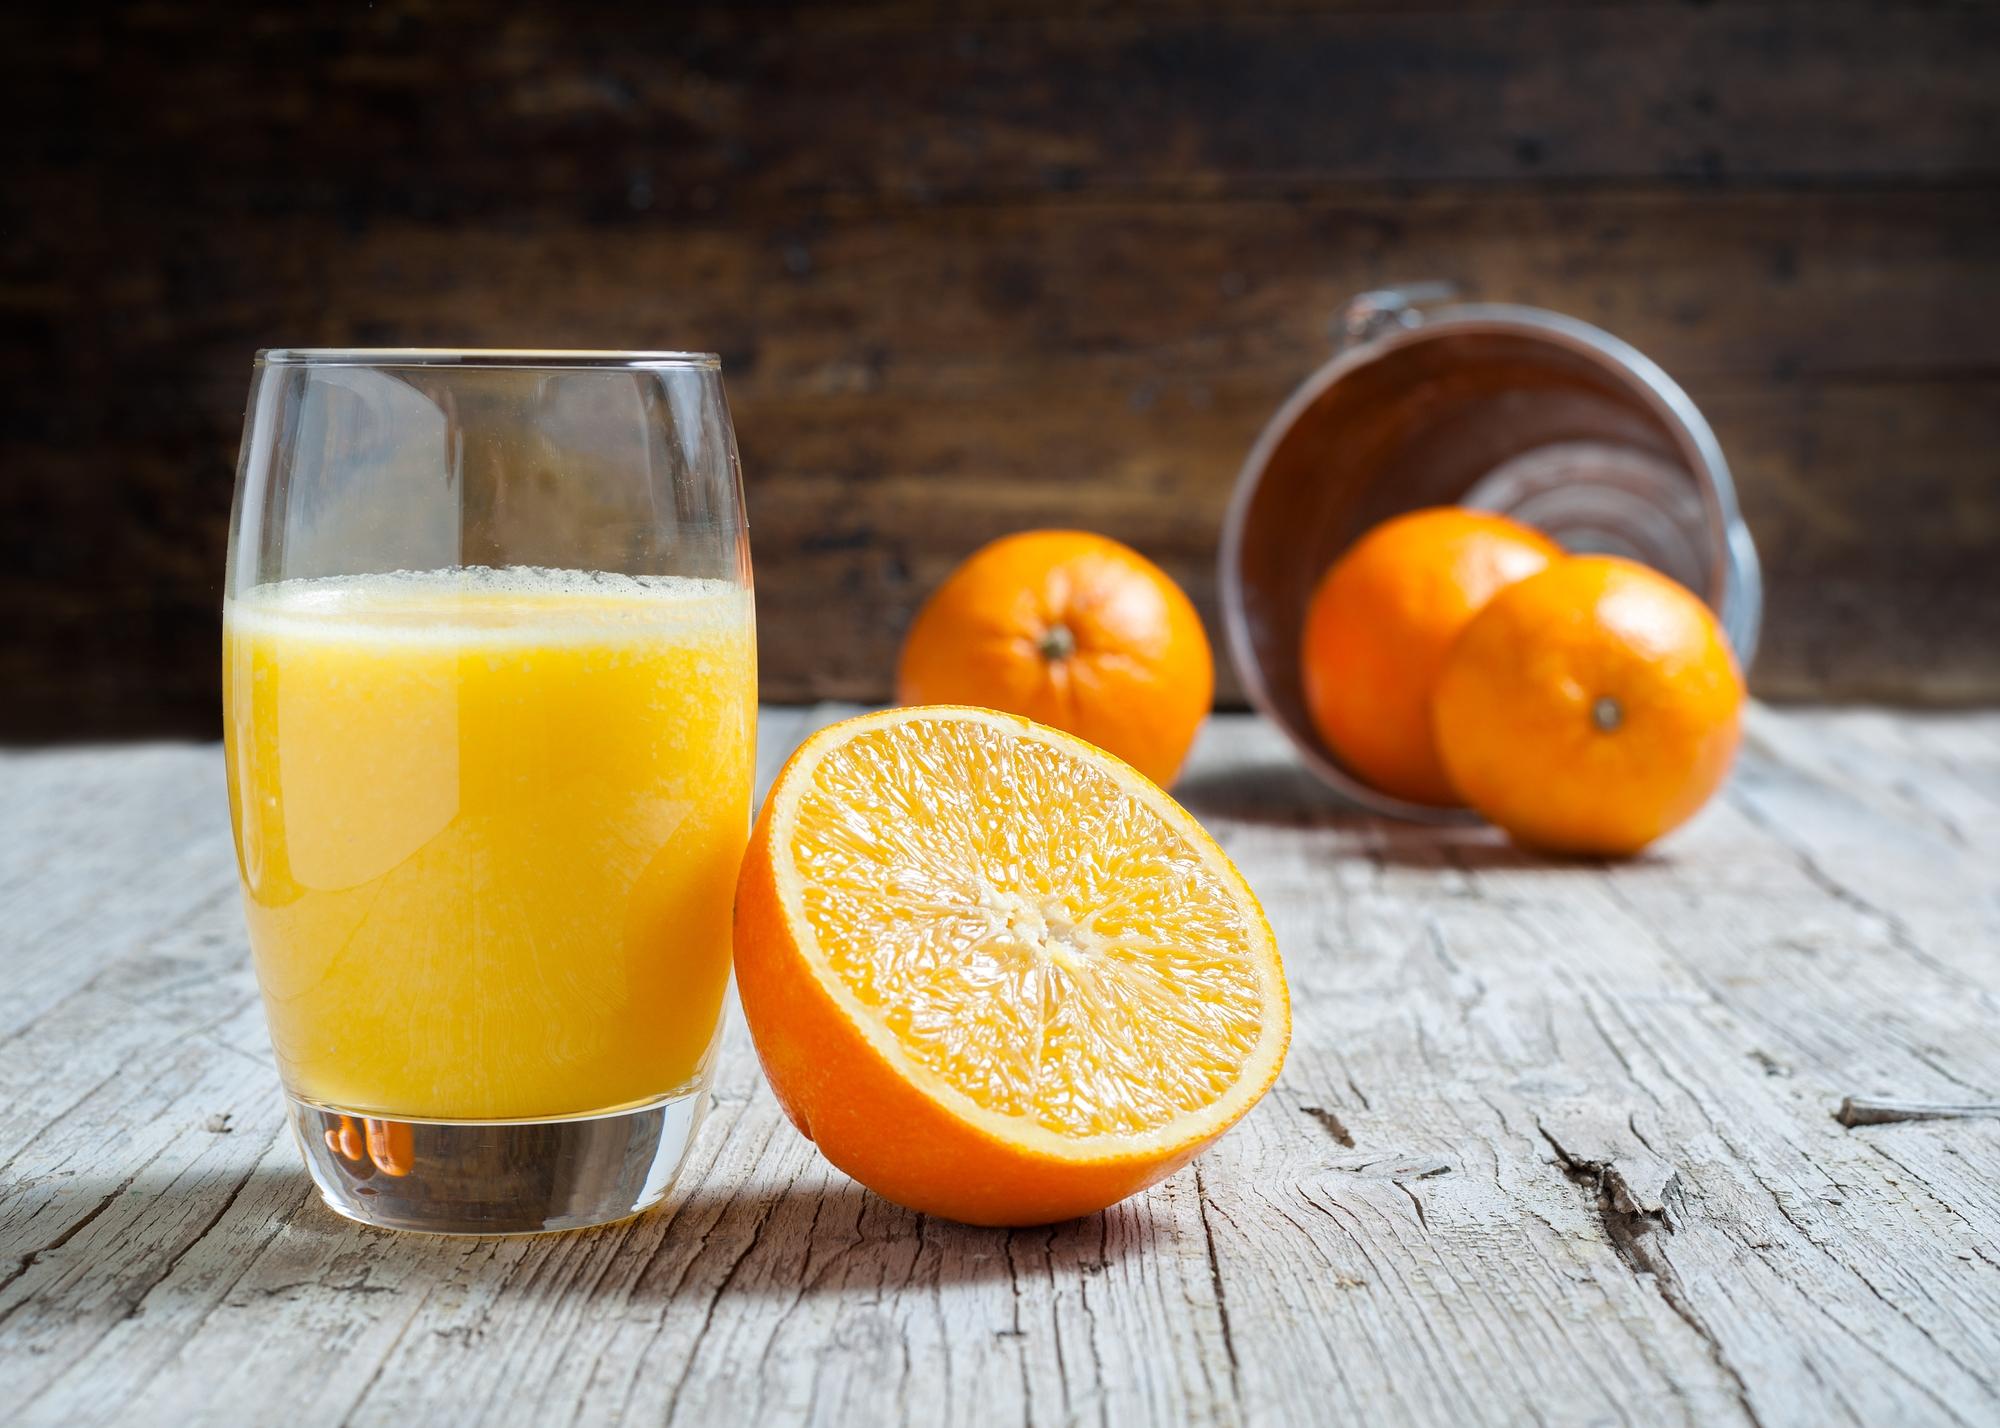 szklanka soku pomarańczowego i pomarańcze